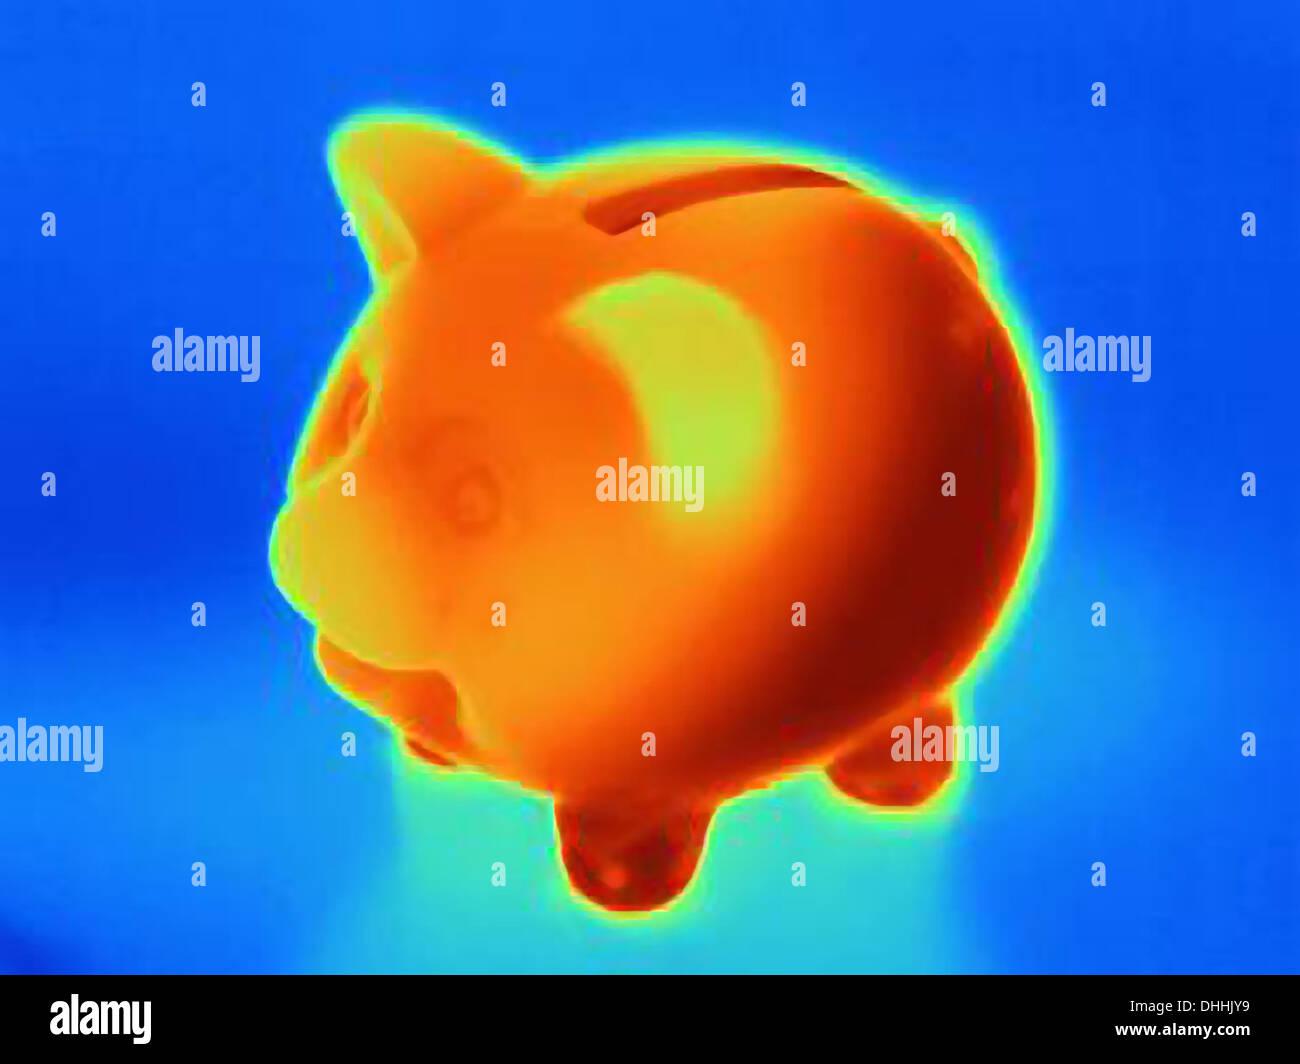 Fotografia termica del salvadanaio Immagini Stock